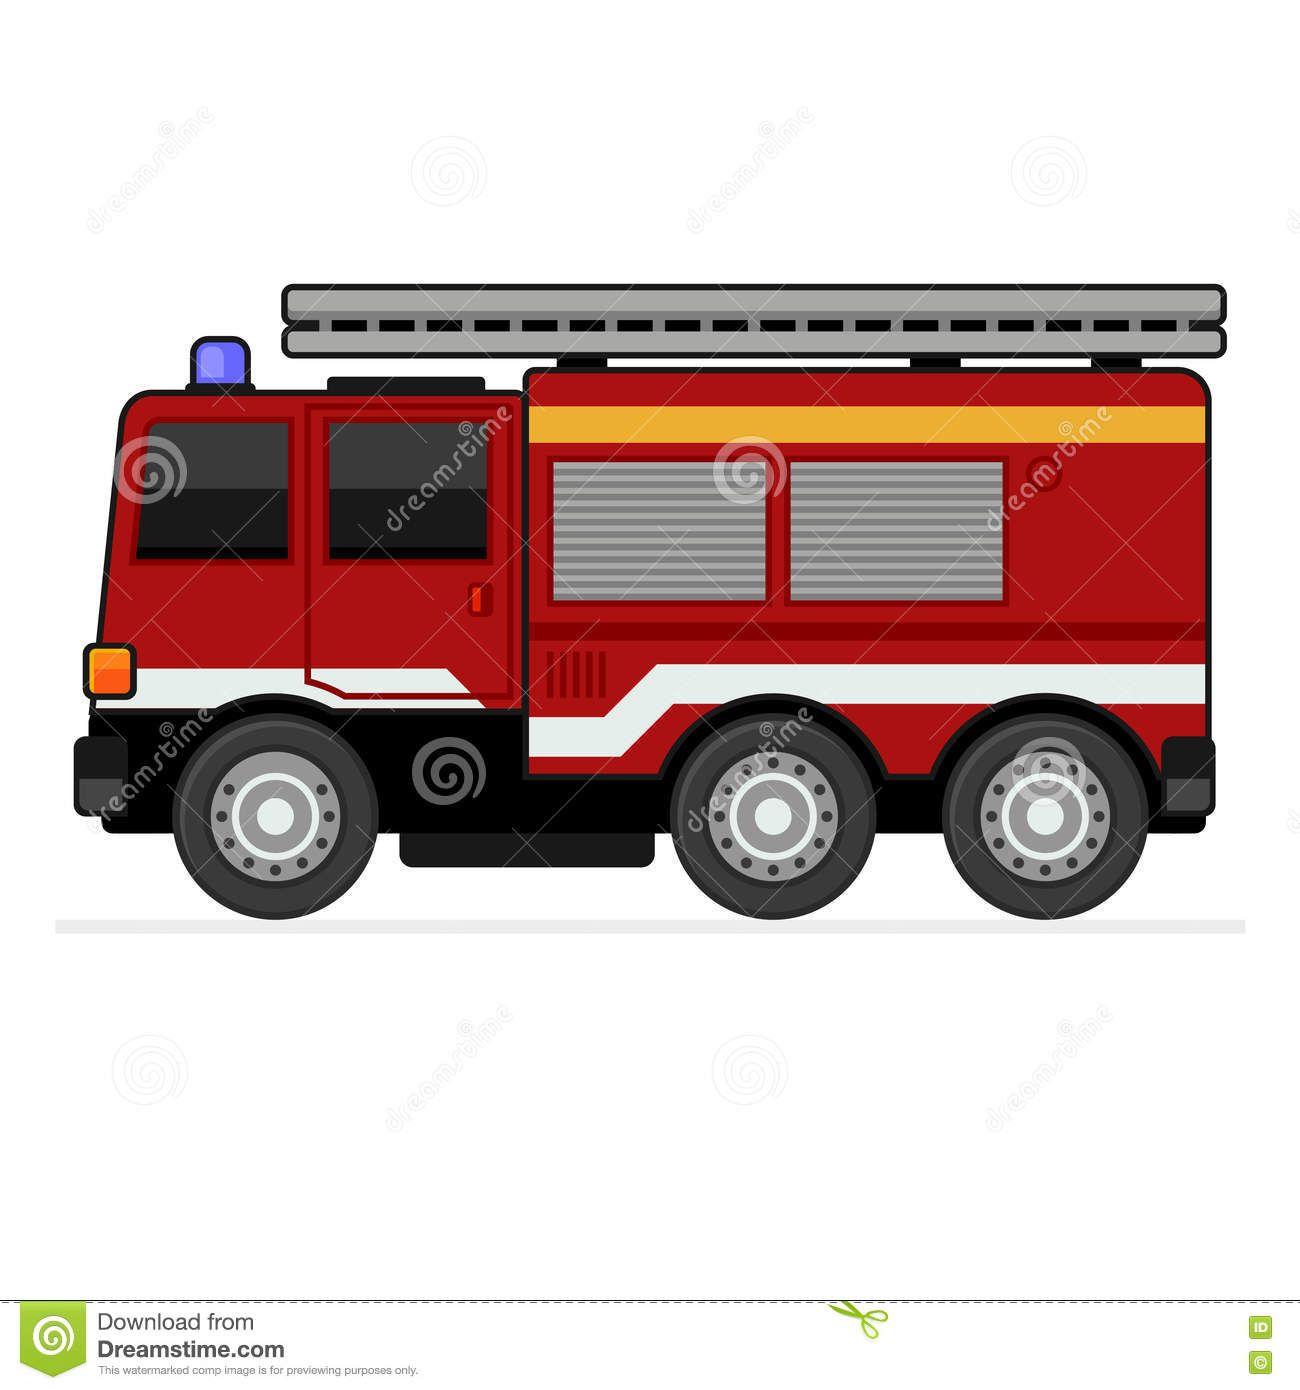 пожарная-машина-на-спешке-51371774.jpg (1300×1390)